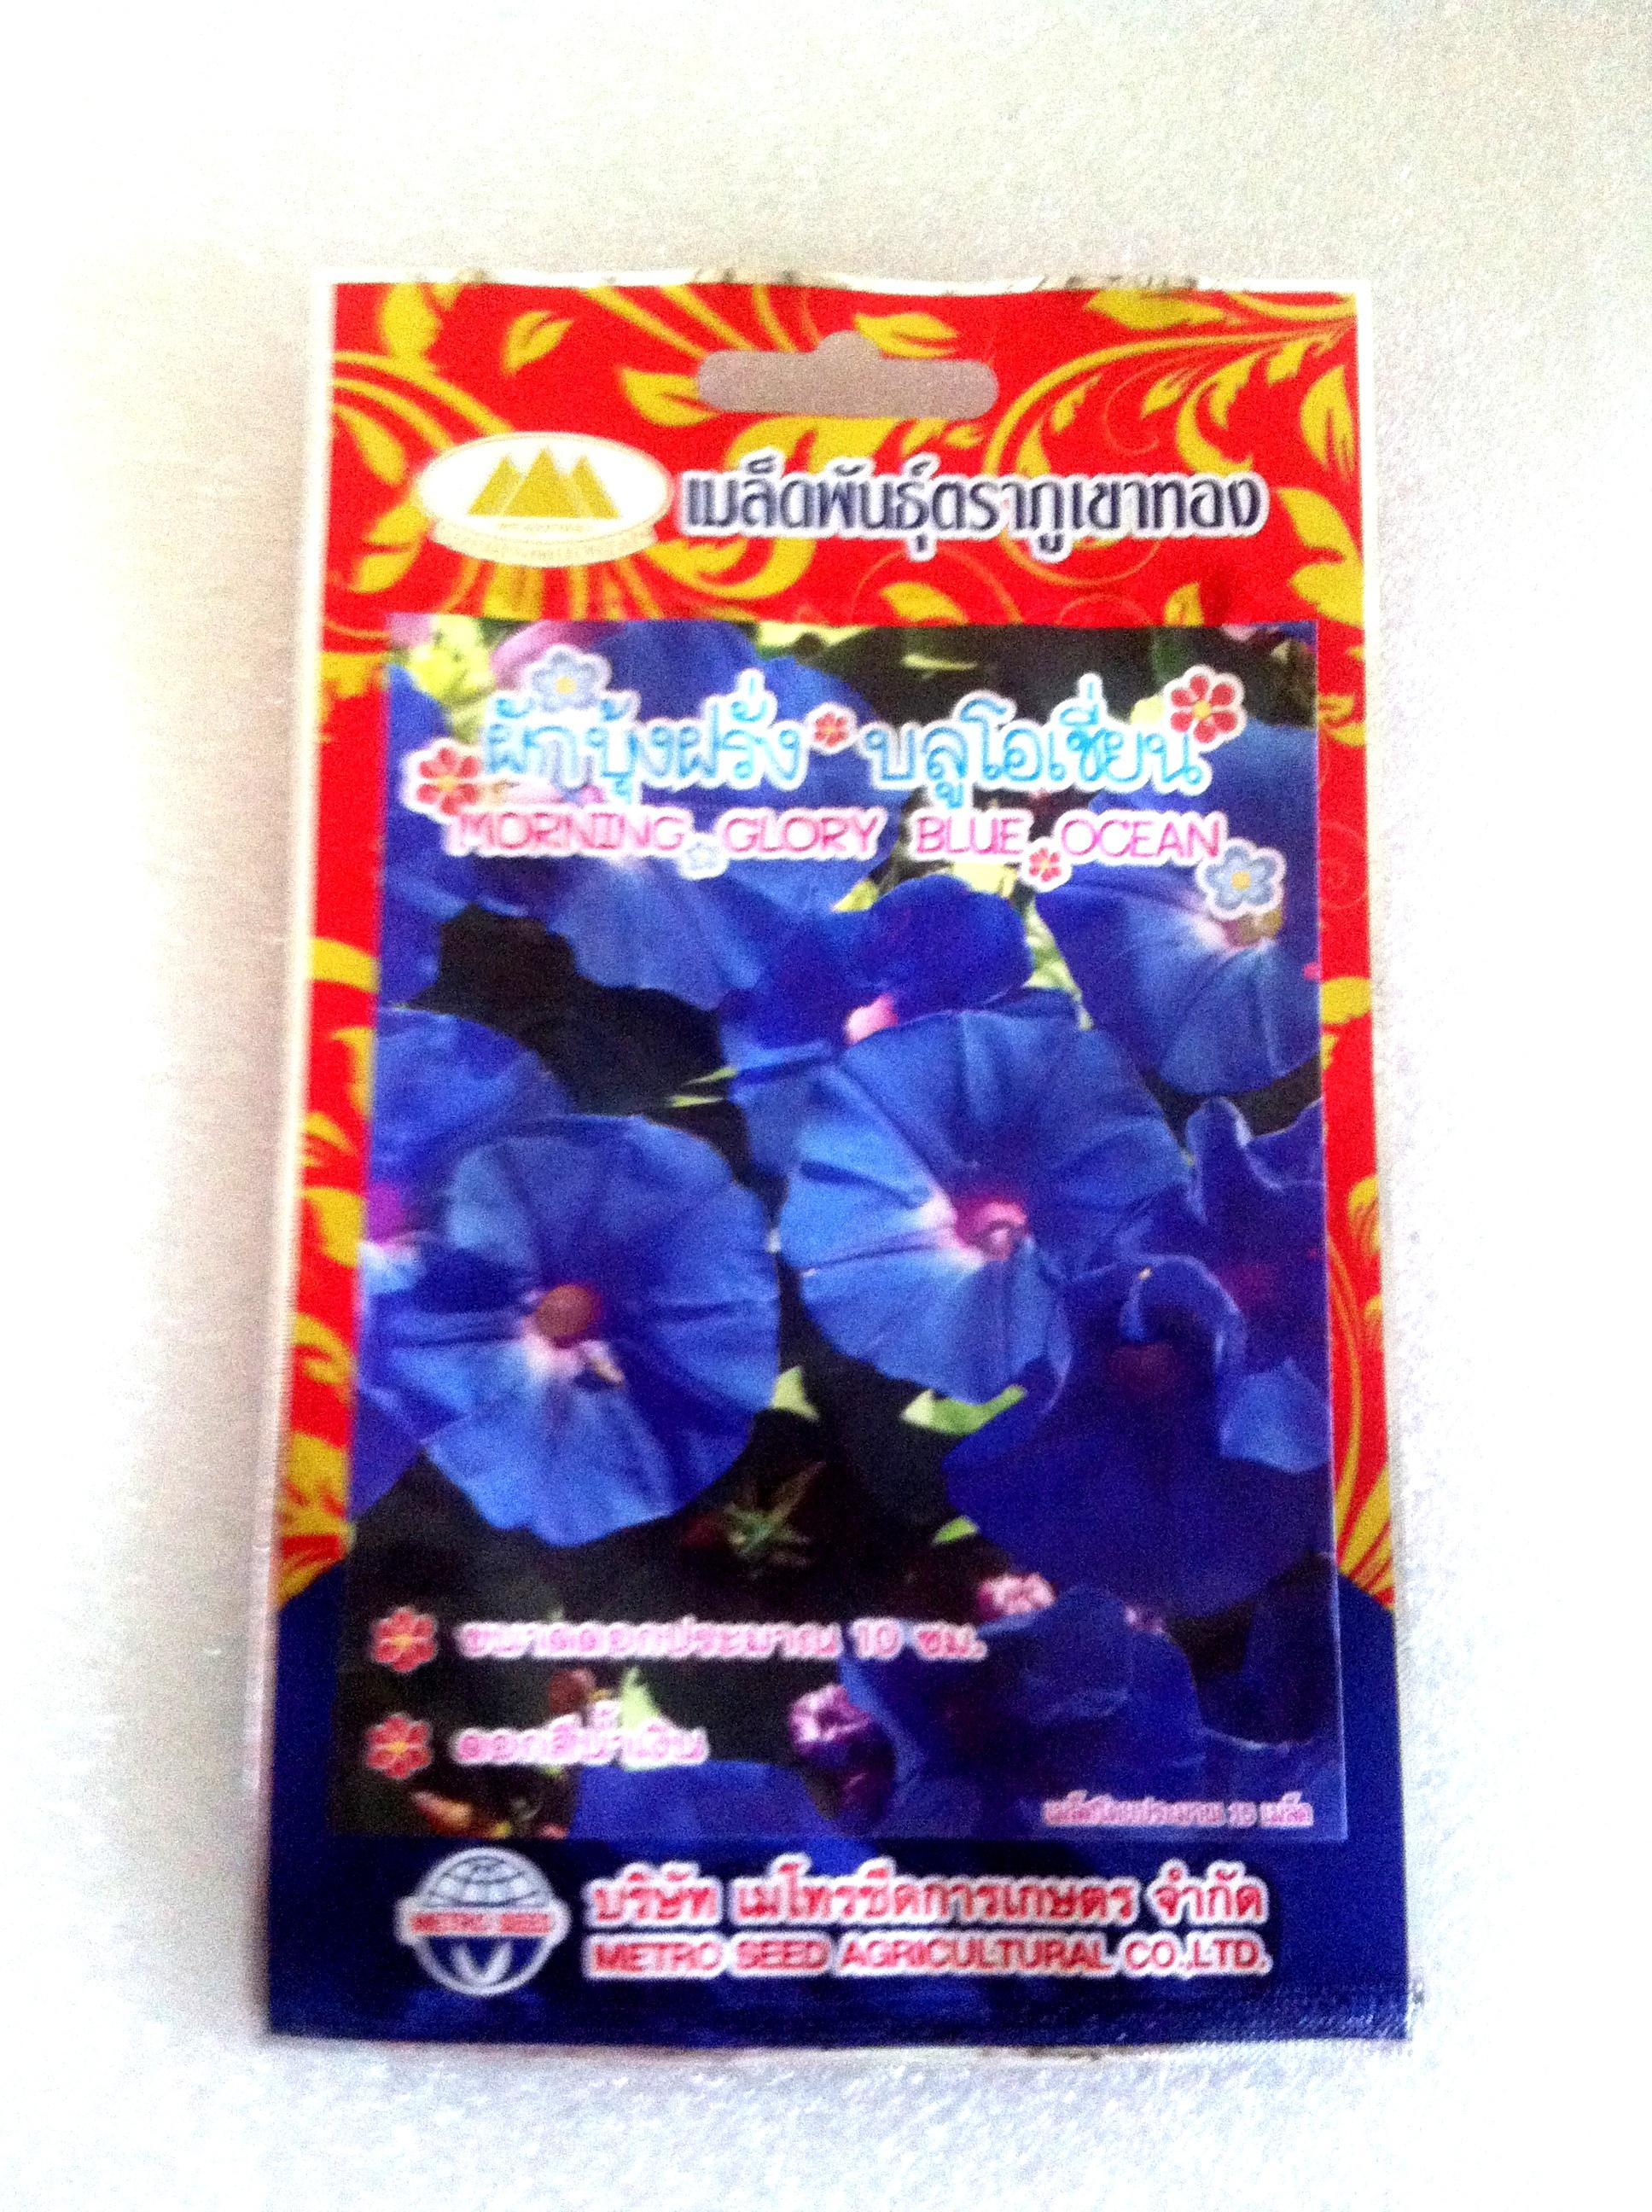 ดอกผักบุ้งฝรั่งบลูโอเชี่ยน Morning glory blue ocean ภูเขาทอง